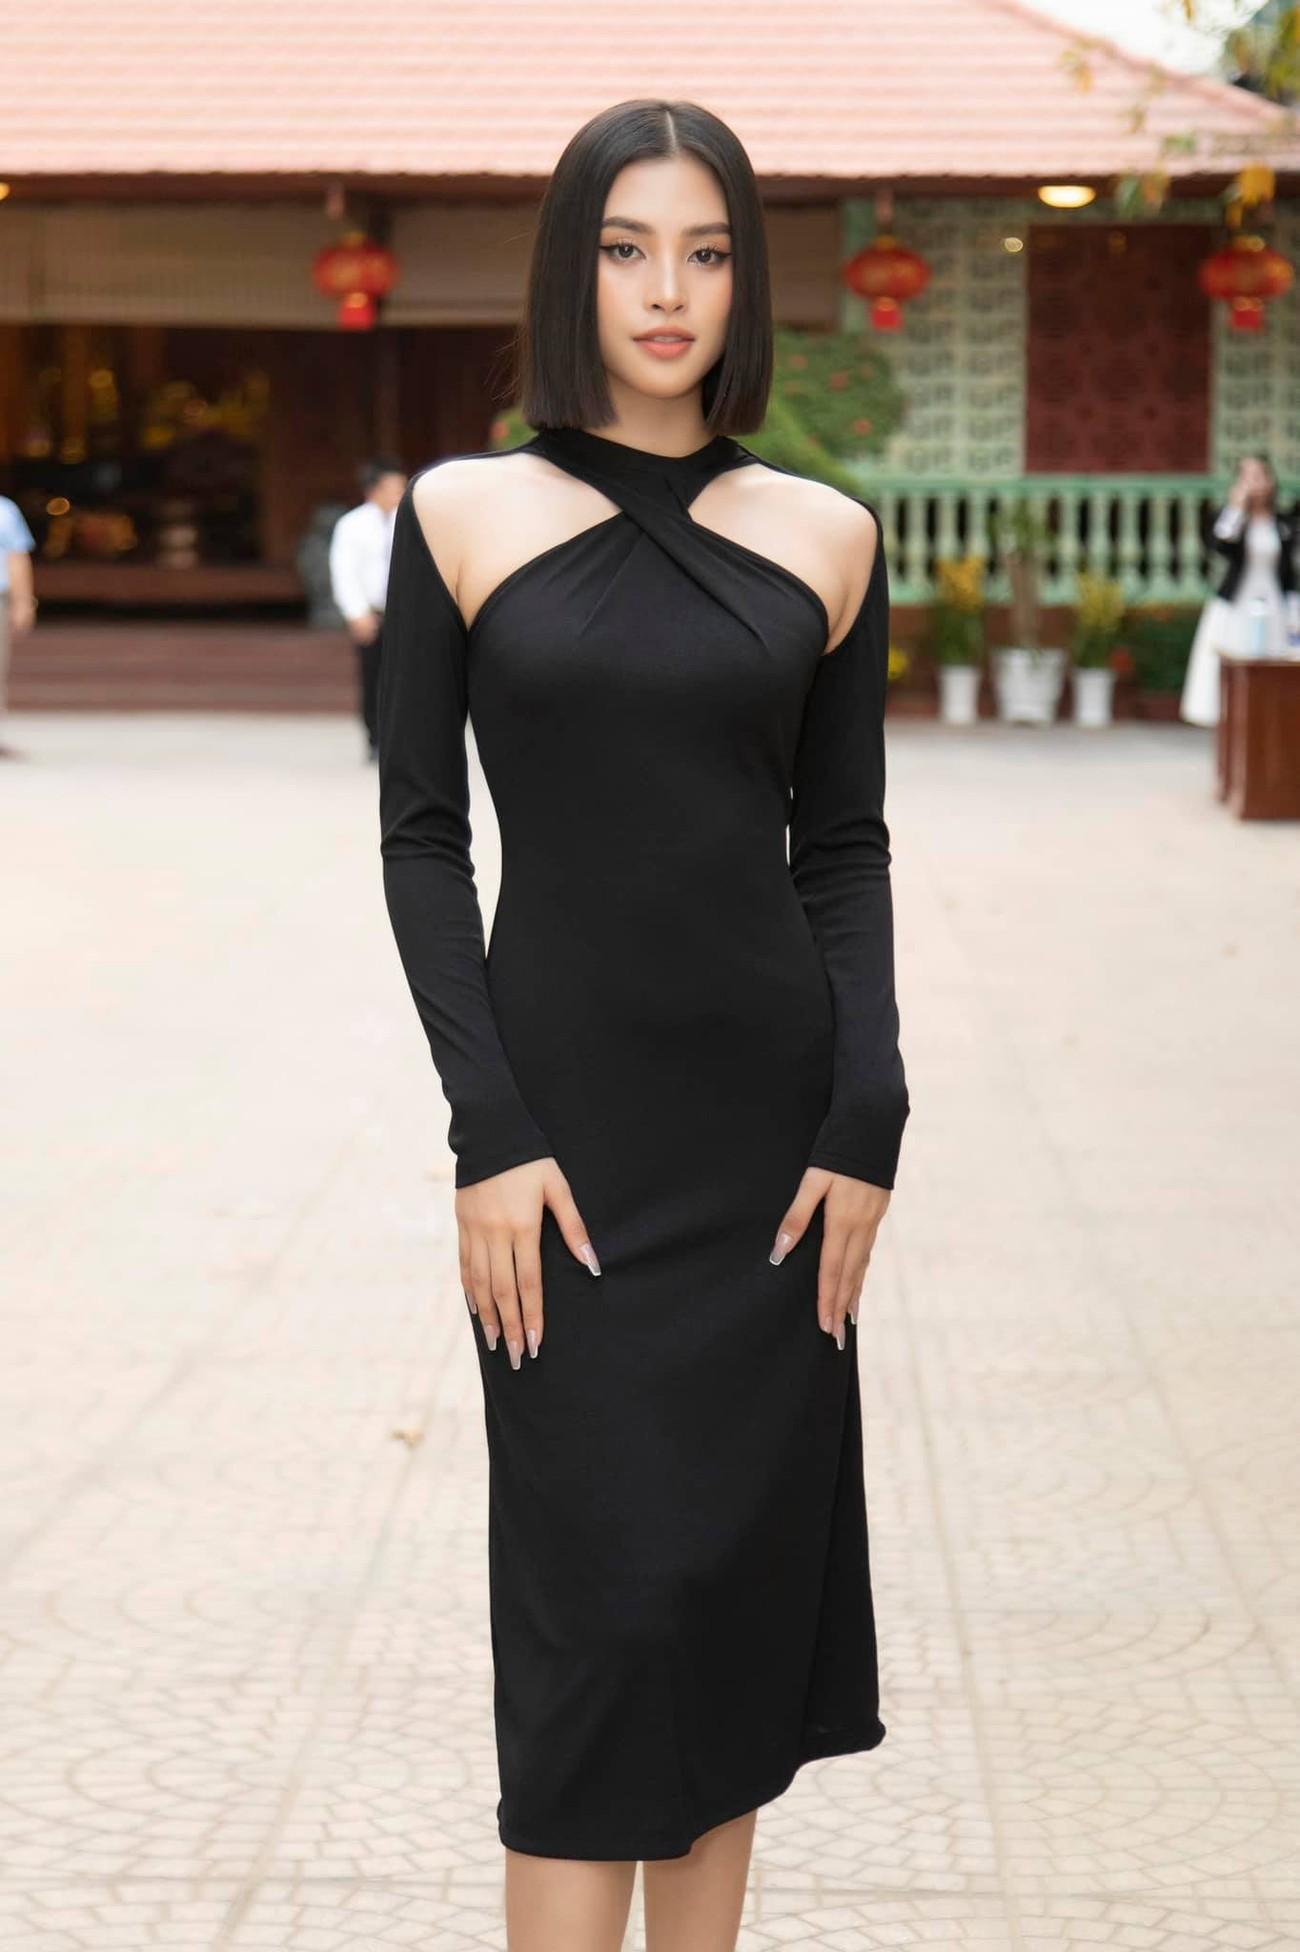 Nhan sắc 'thăng hạng' đầy nóng bỏng của Hoa hậu Tiểu Vy sau khi hết nhiệm kỳ ảnh 3